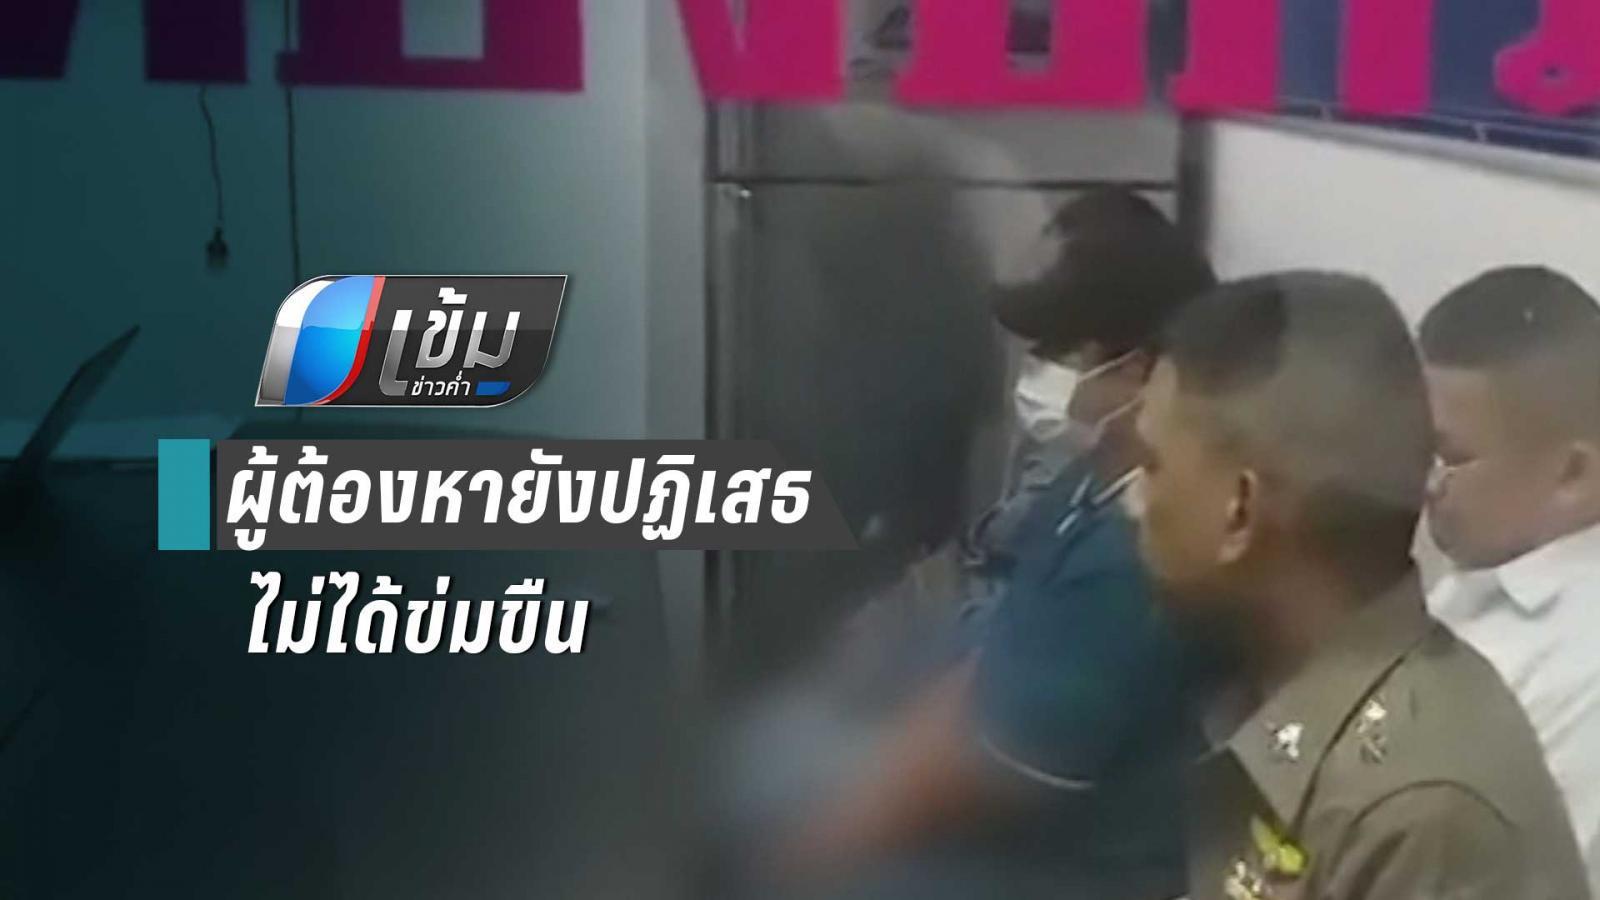 ตำรวจคุมตัวผู้ต้องหาข่มขืนเด็ก 14 ทำแผน เจ้าตัวยังปฏิเสธ